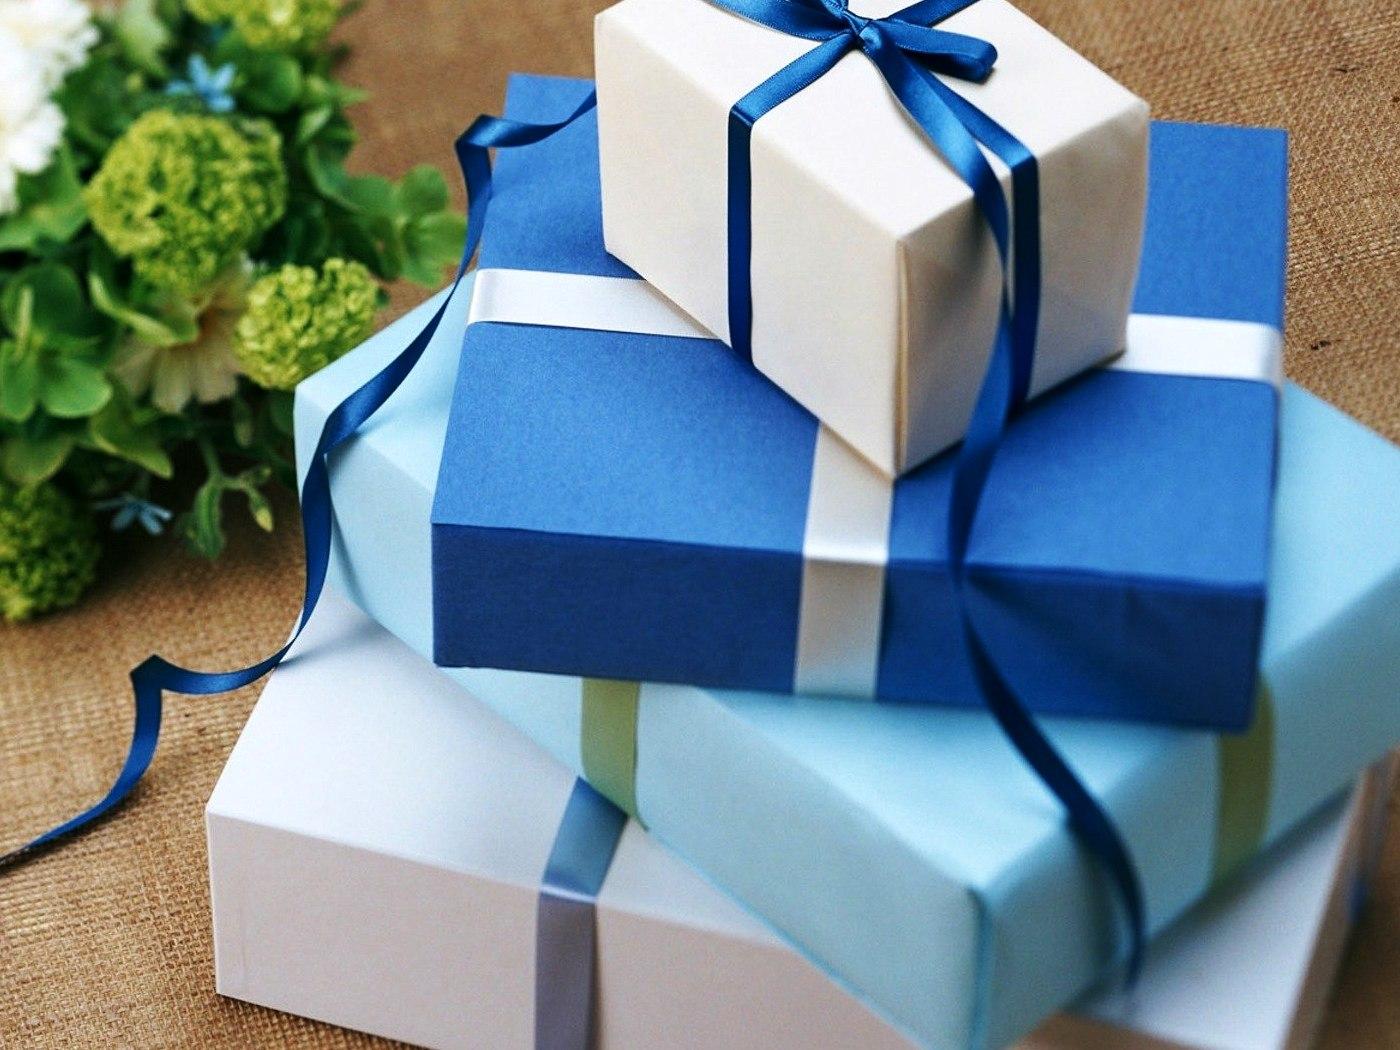 Картинки по запросу Что подарить тому, у кого есть все?